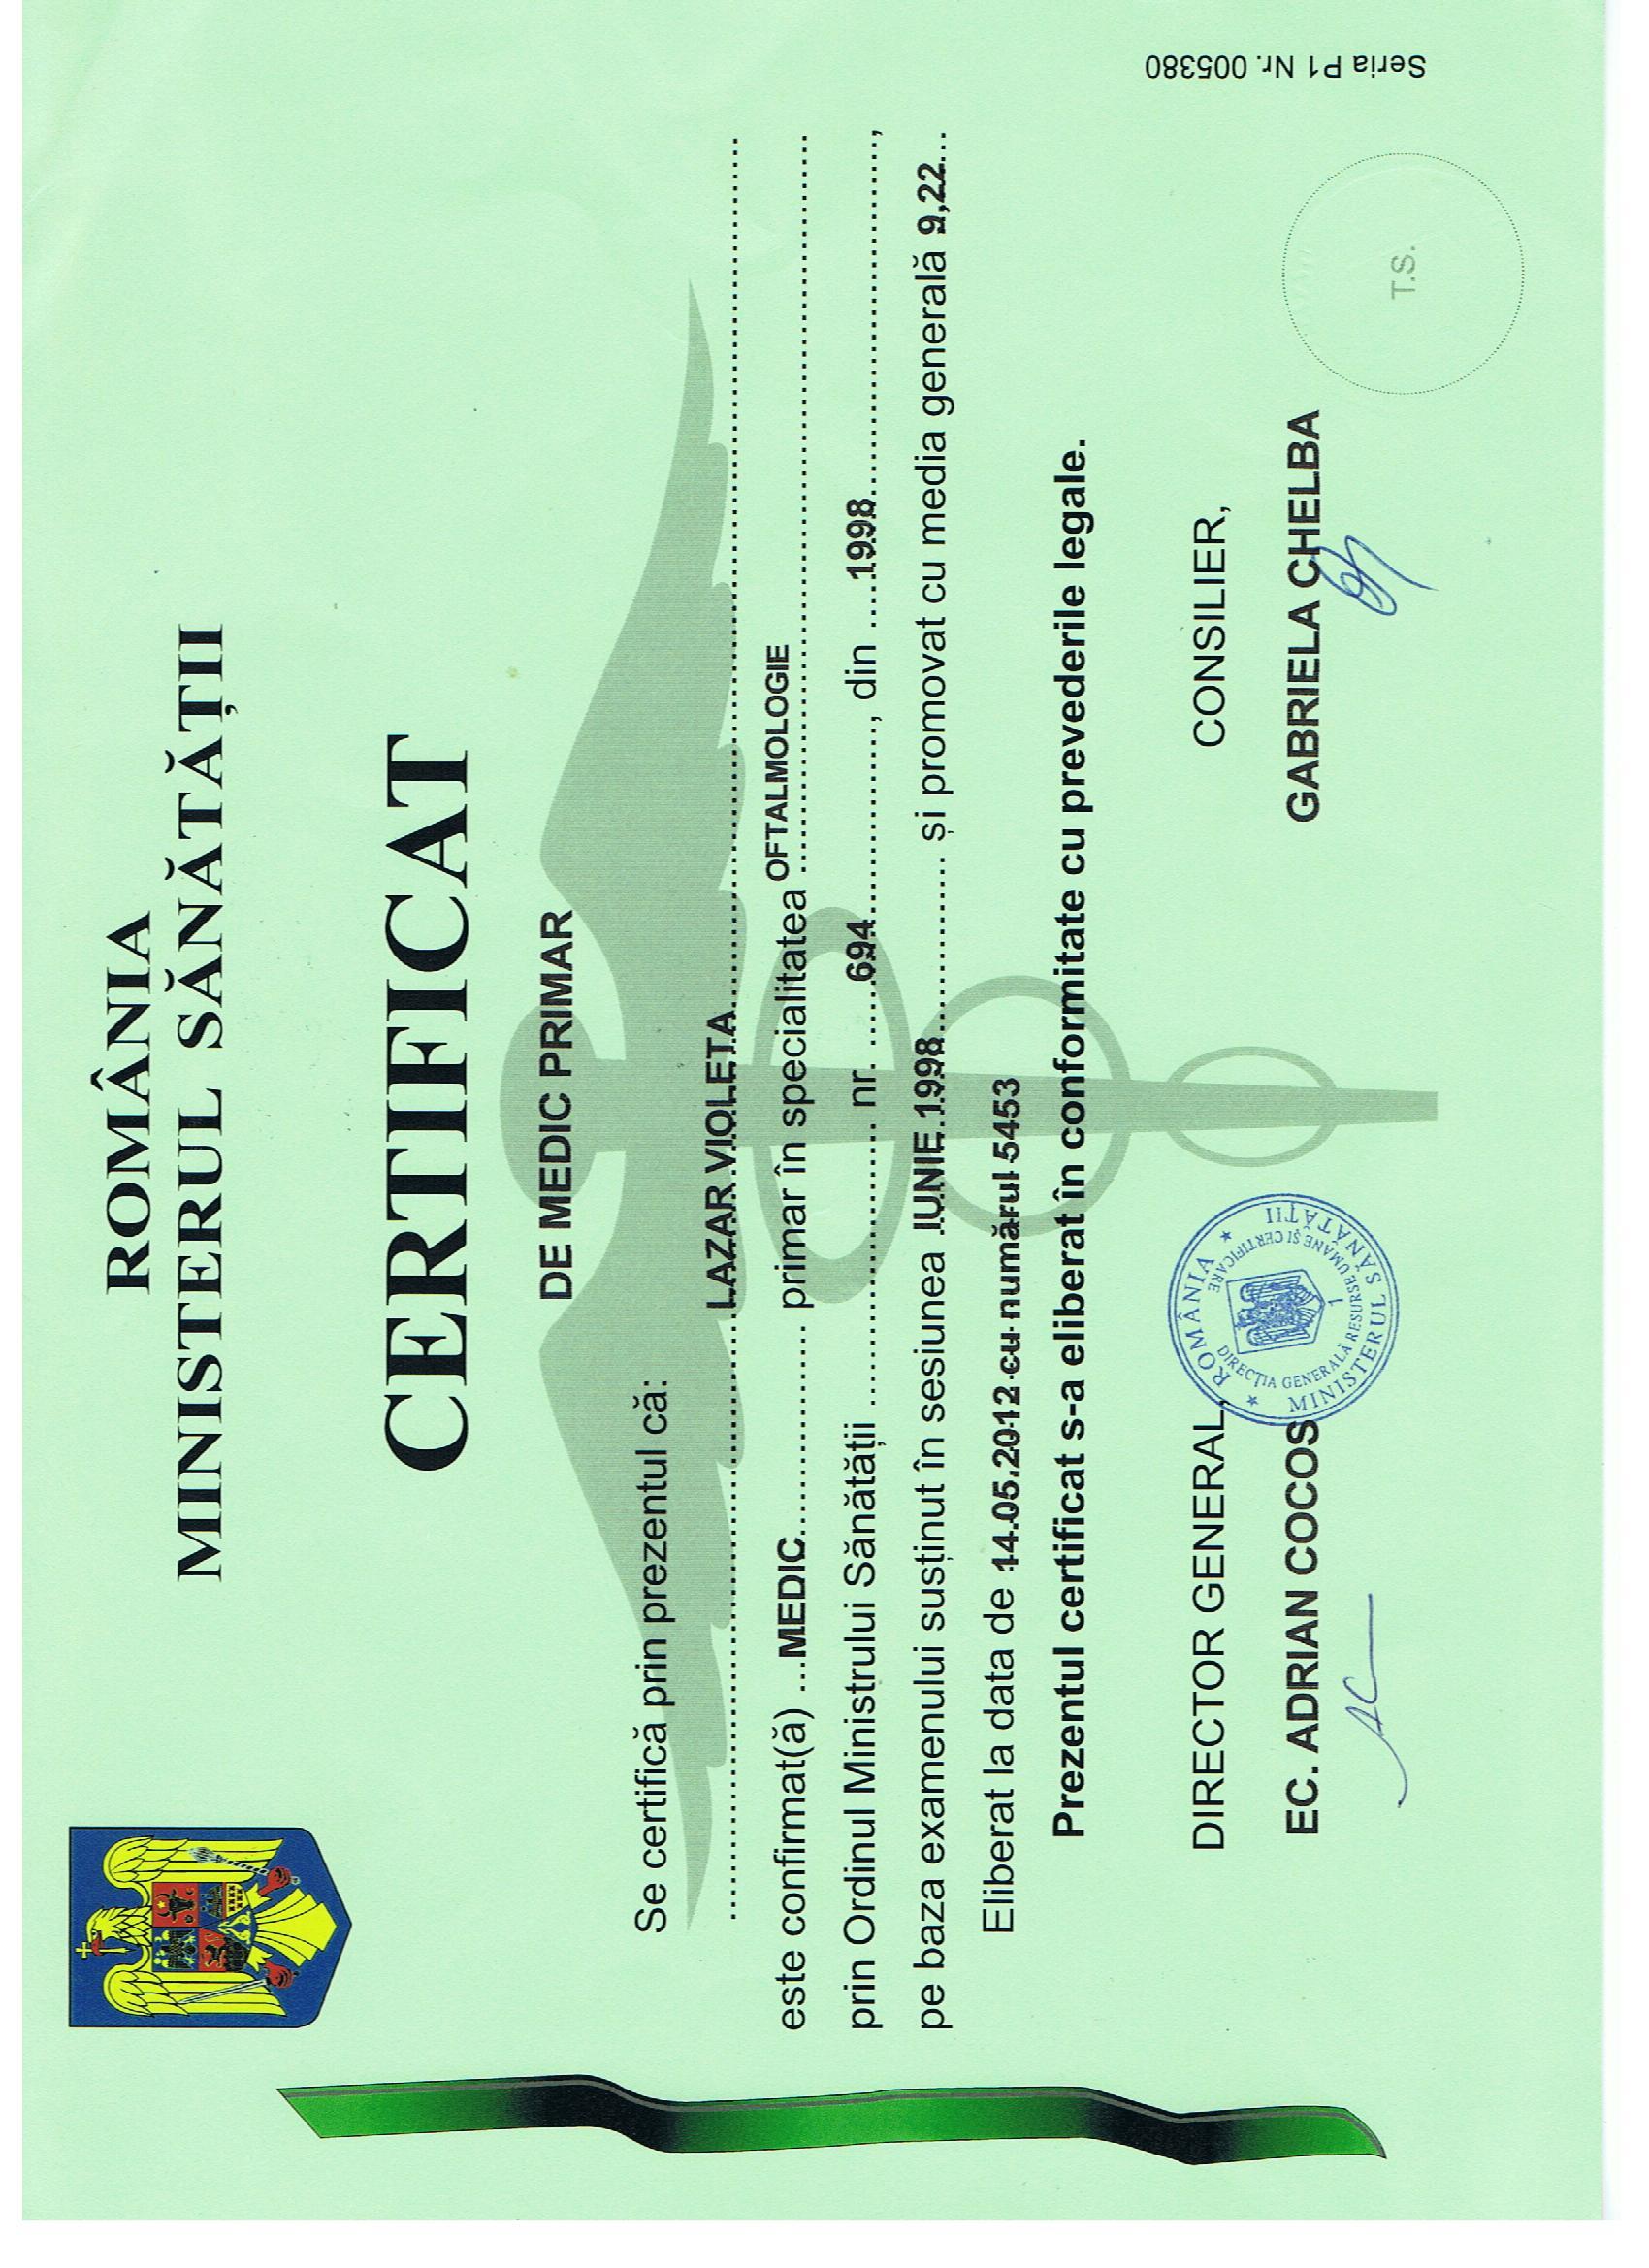 certificare oftalmologie